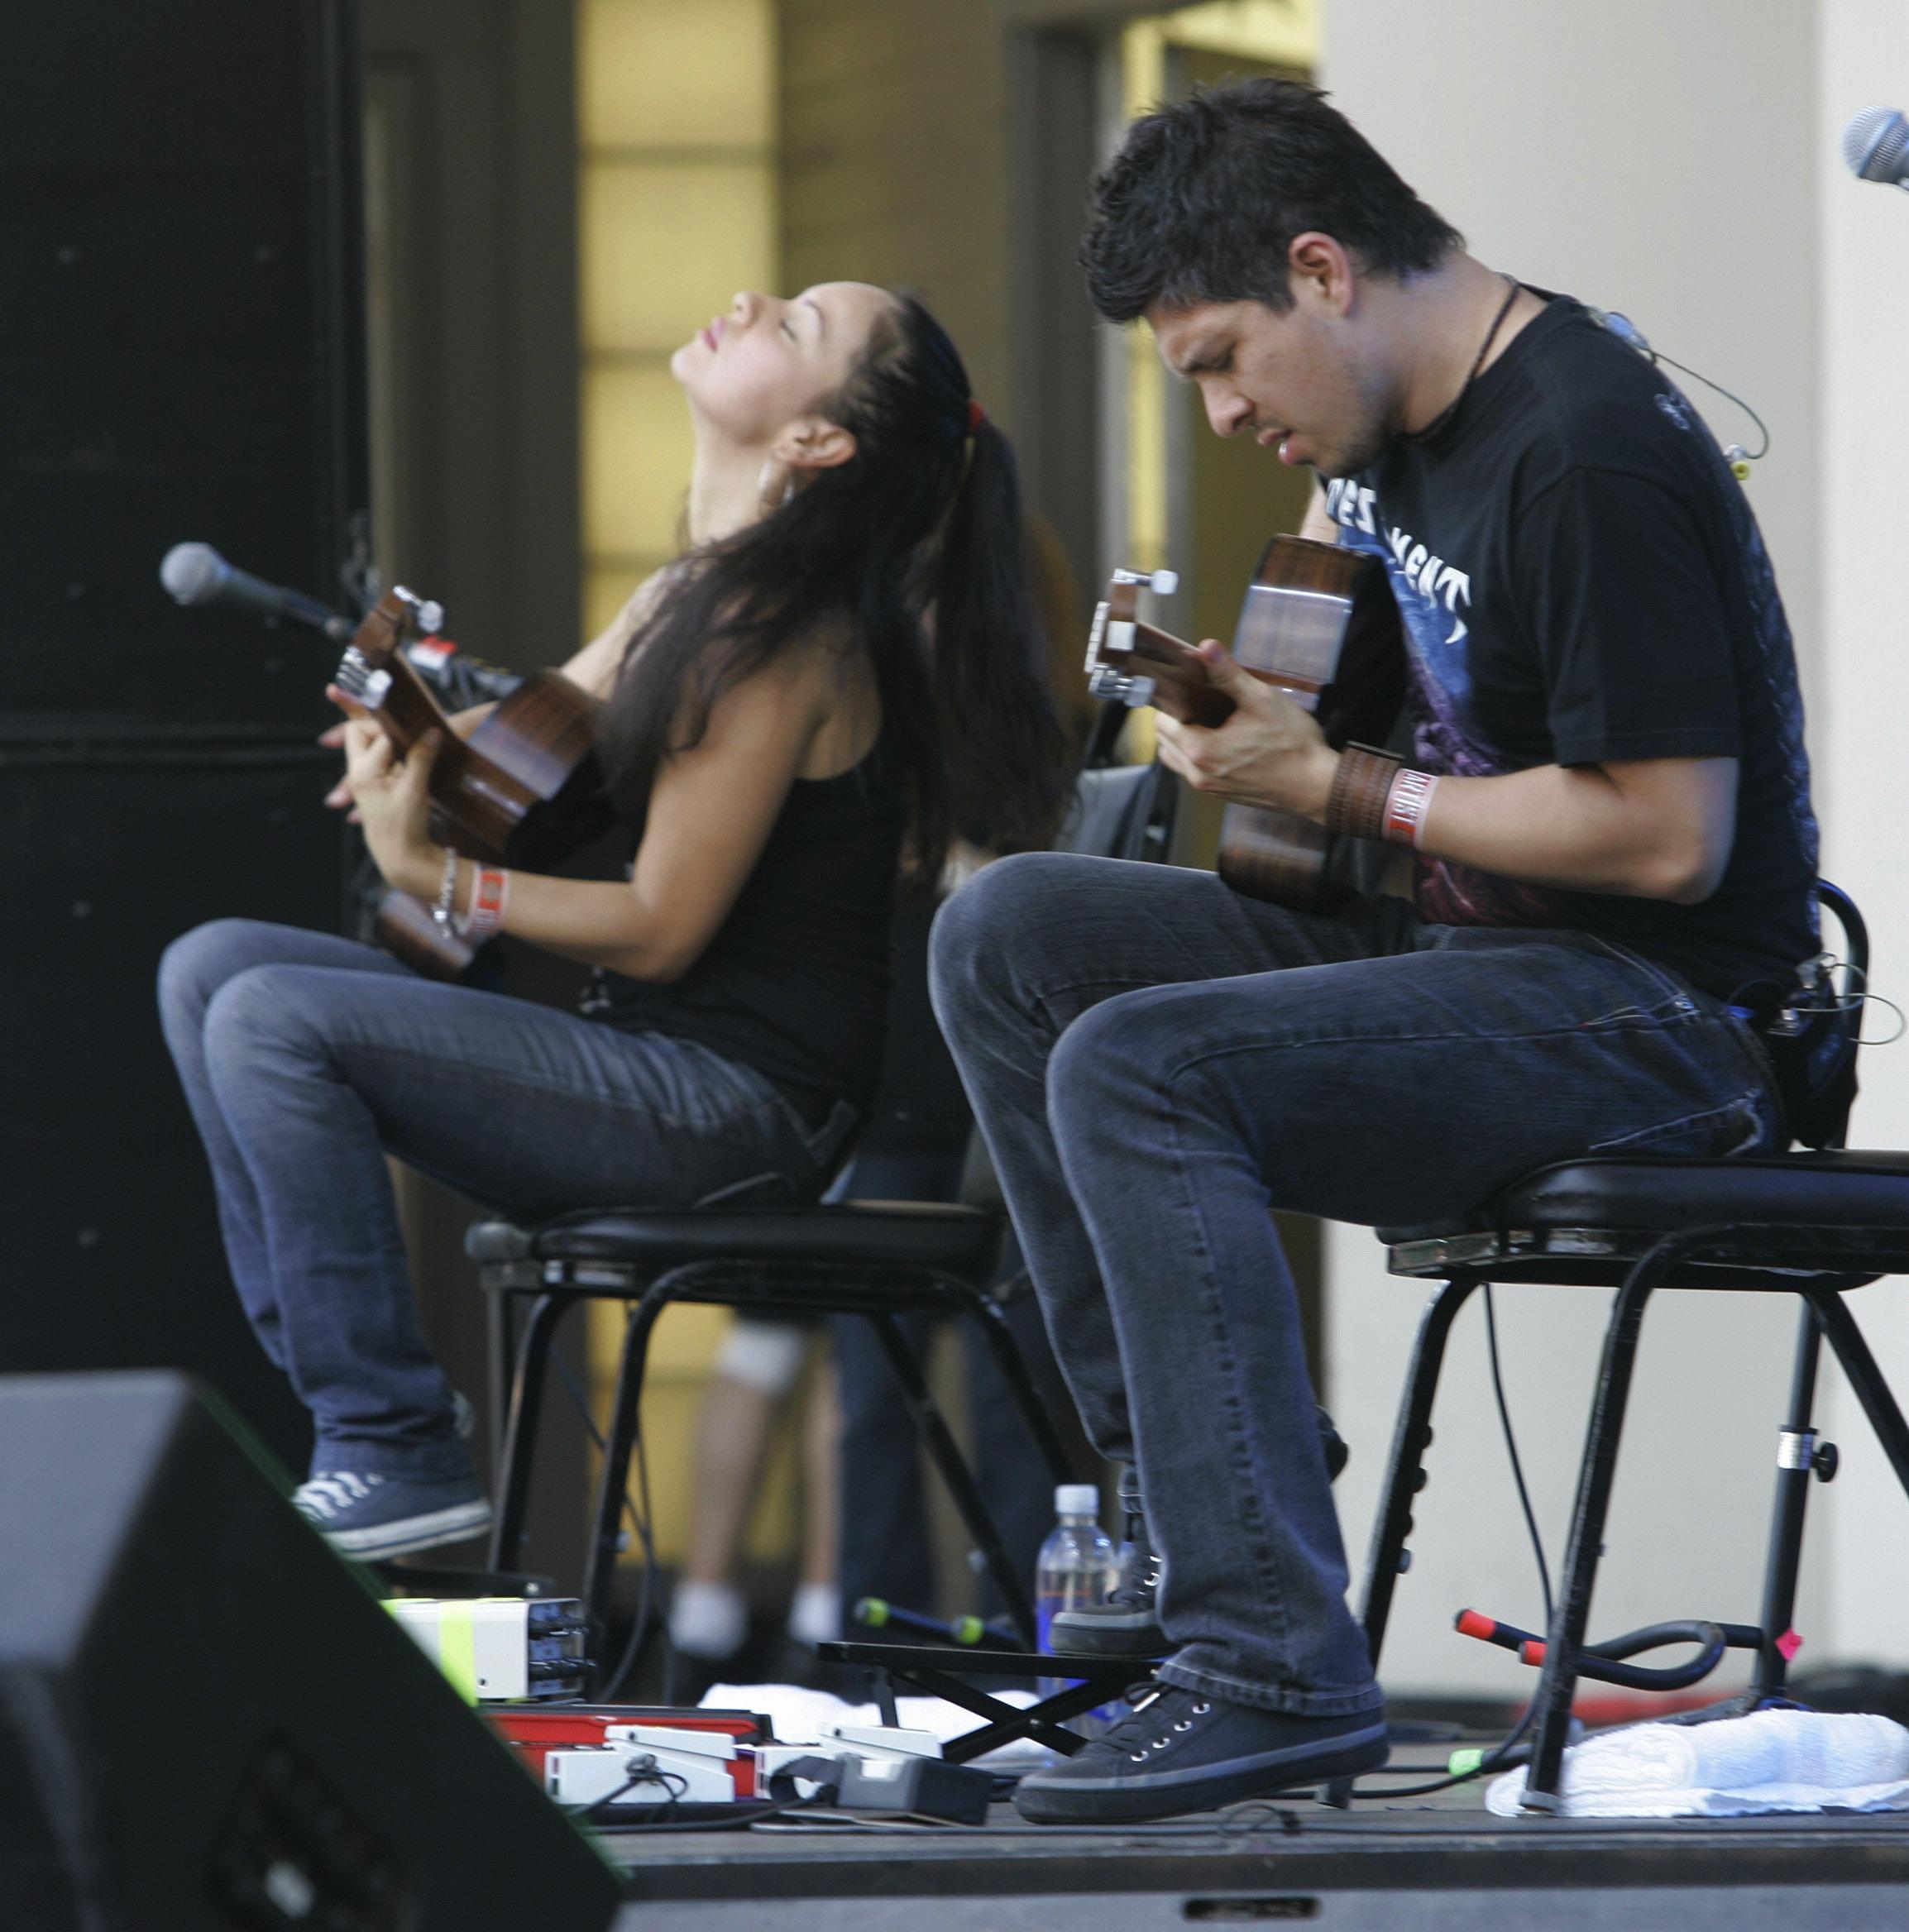 Rodrigo y Gabriela regresan a sus raíces en nuevo álbum